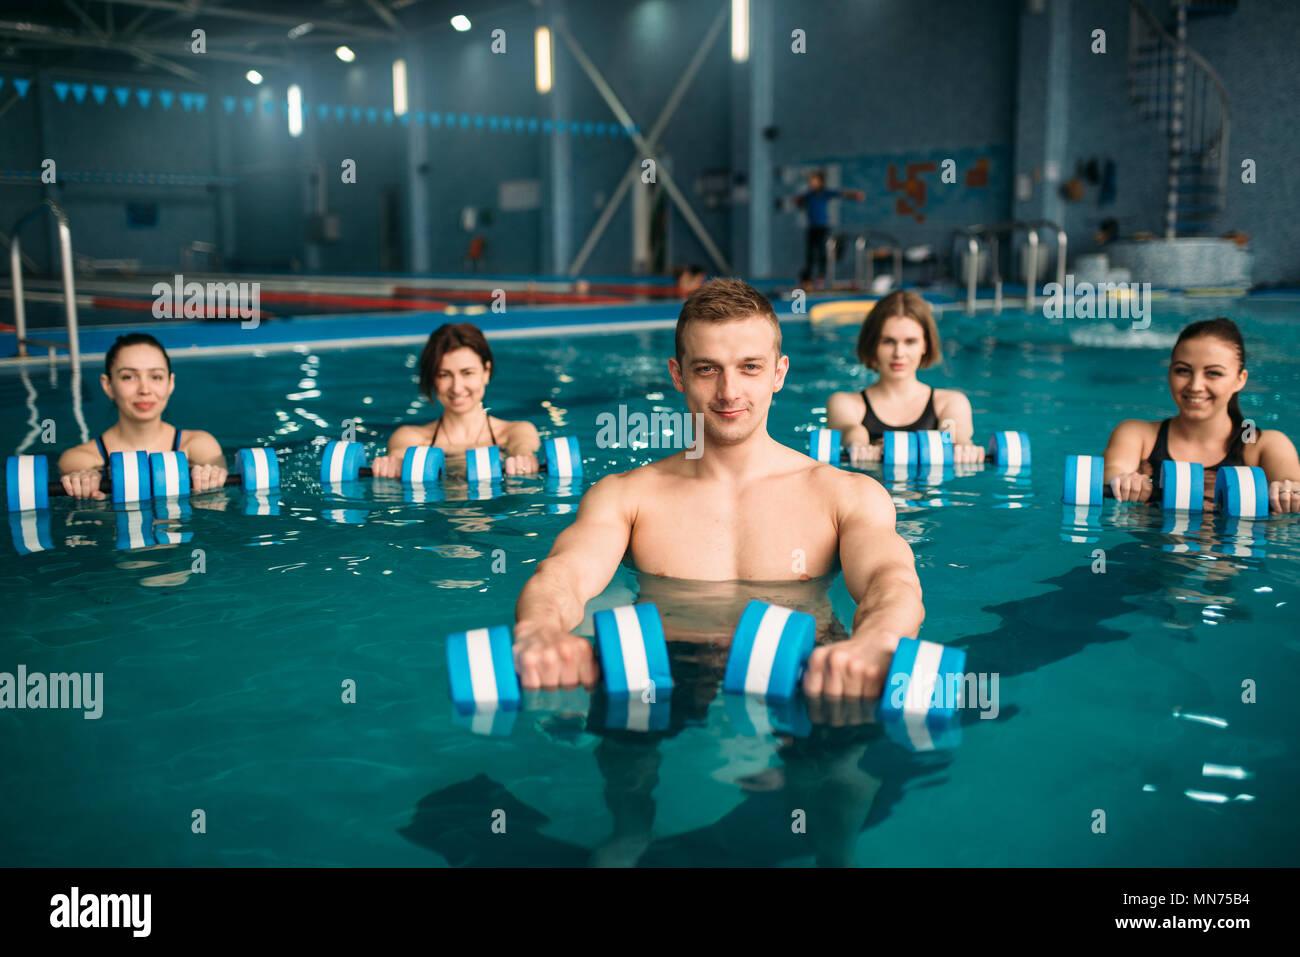 ce6726901e7c Femmina di aerobica in acqua di gruppo e formatore maschio fare esercizio  con manubri sulla formazione in piscina. Allenamento fitness, sport d'acqua